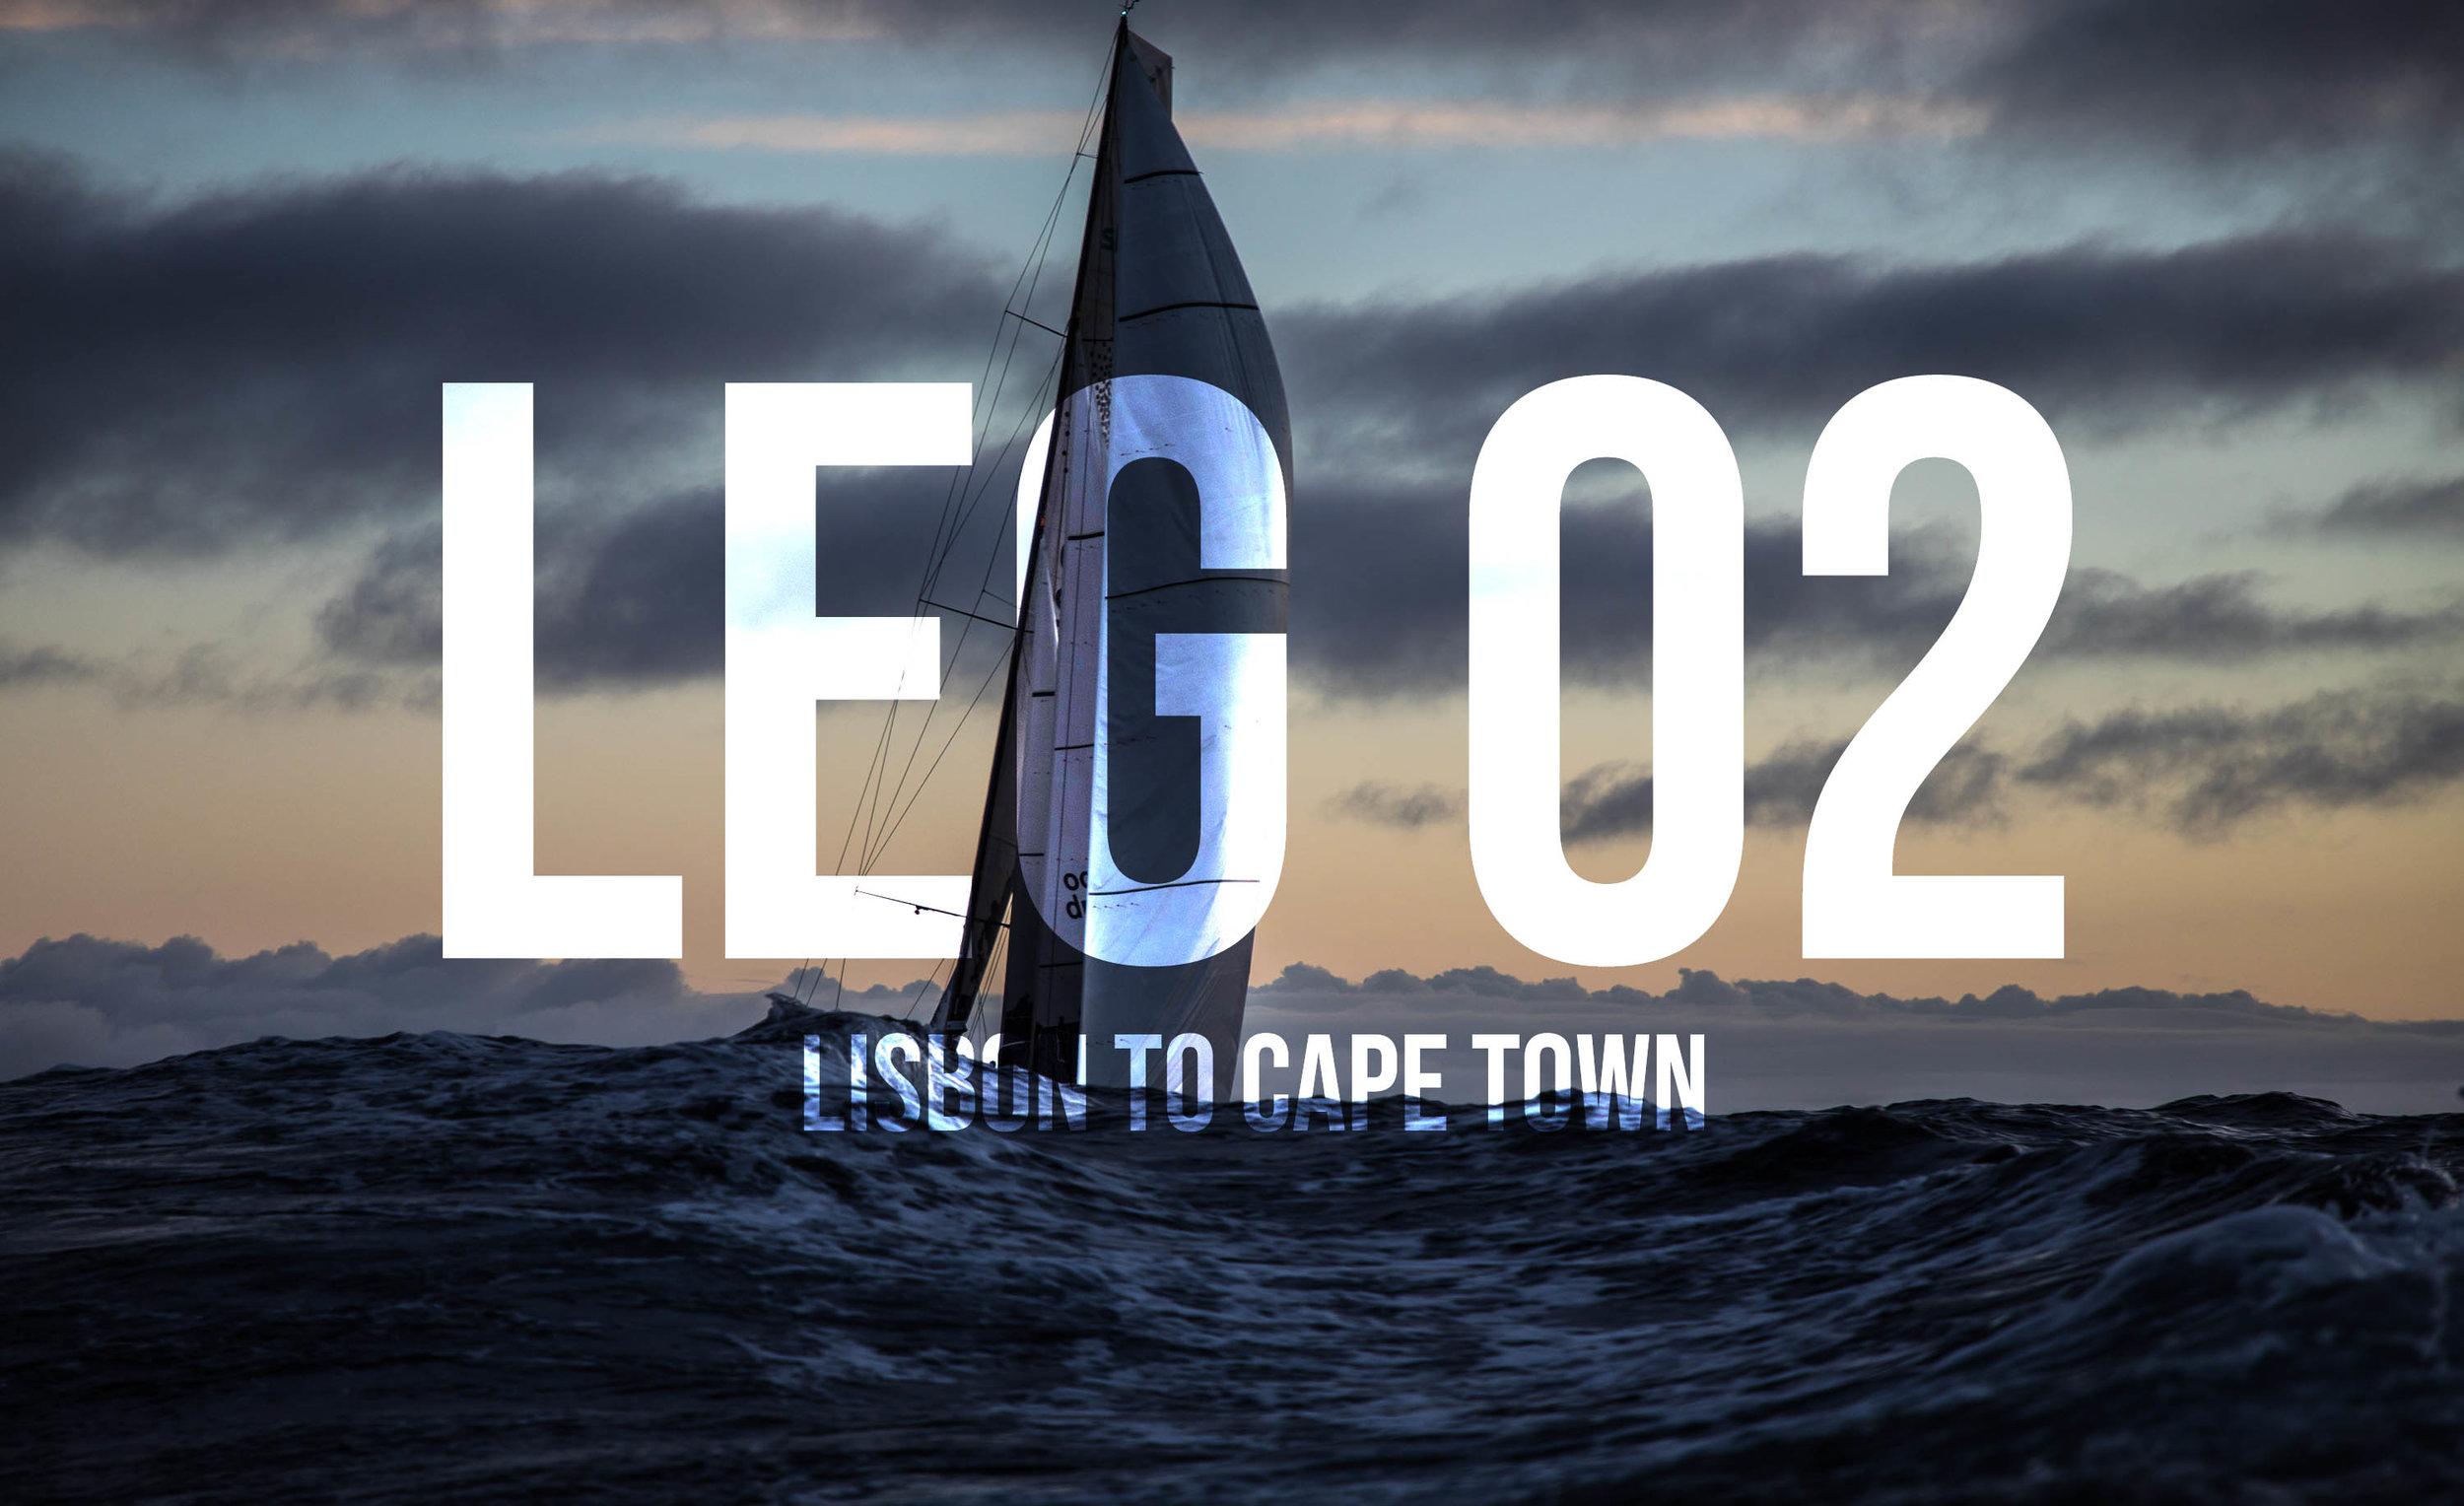 Leg 2